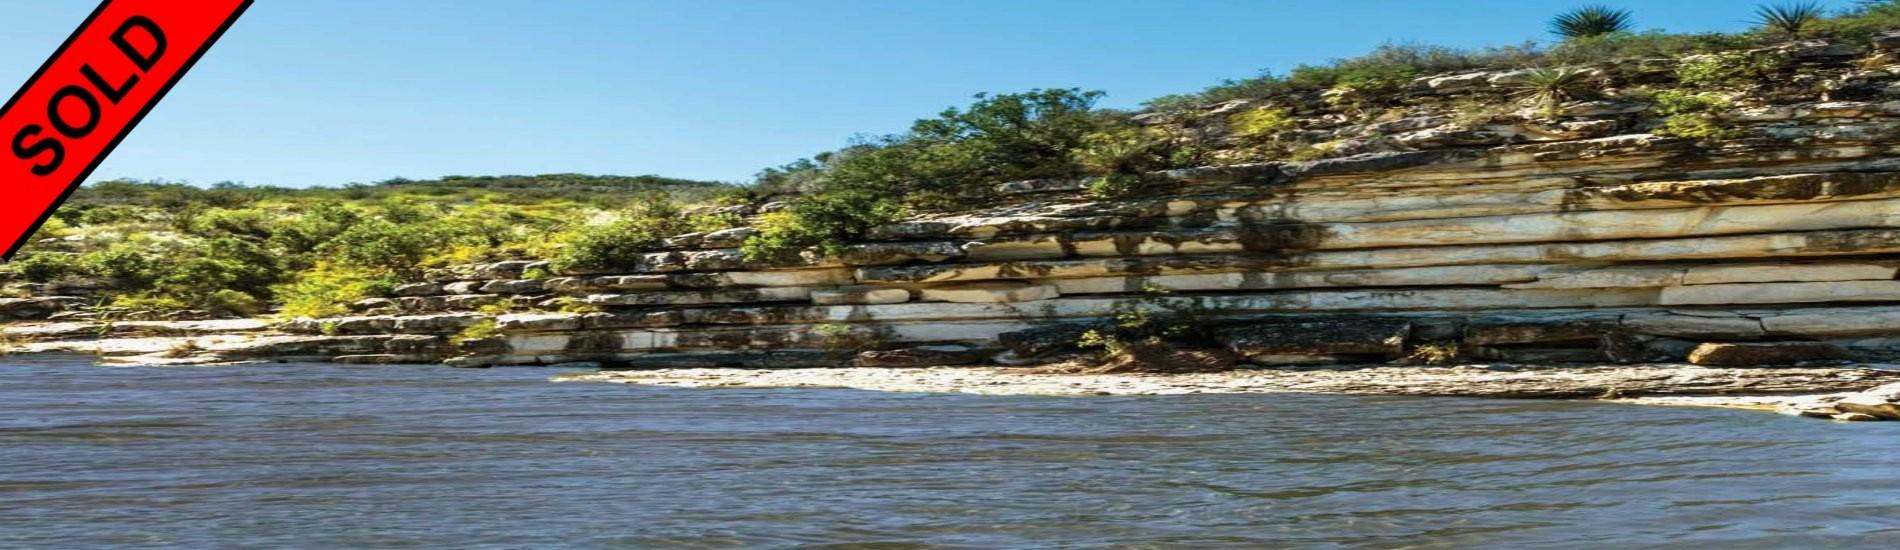 Rancho Rio Grande